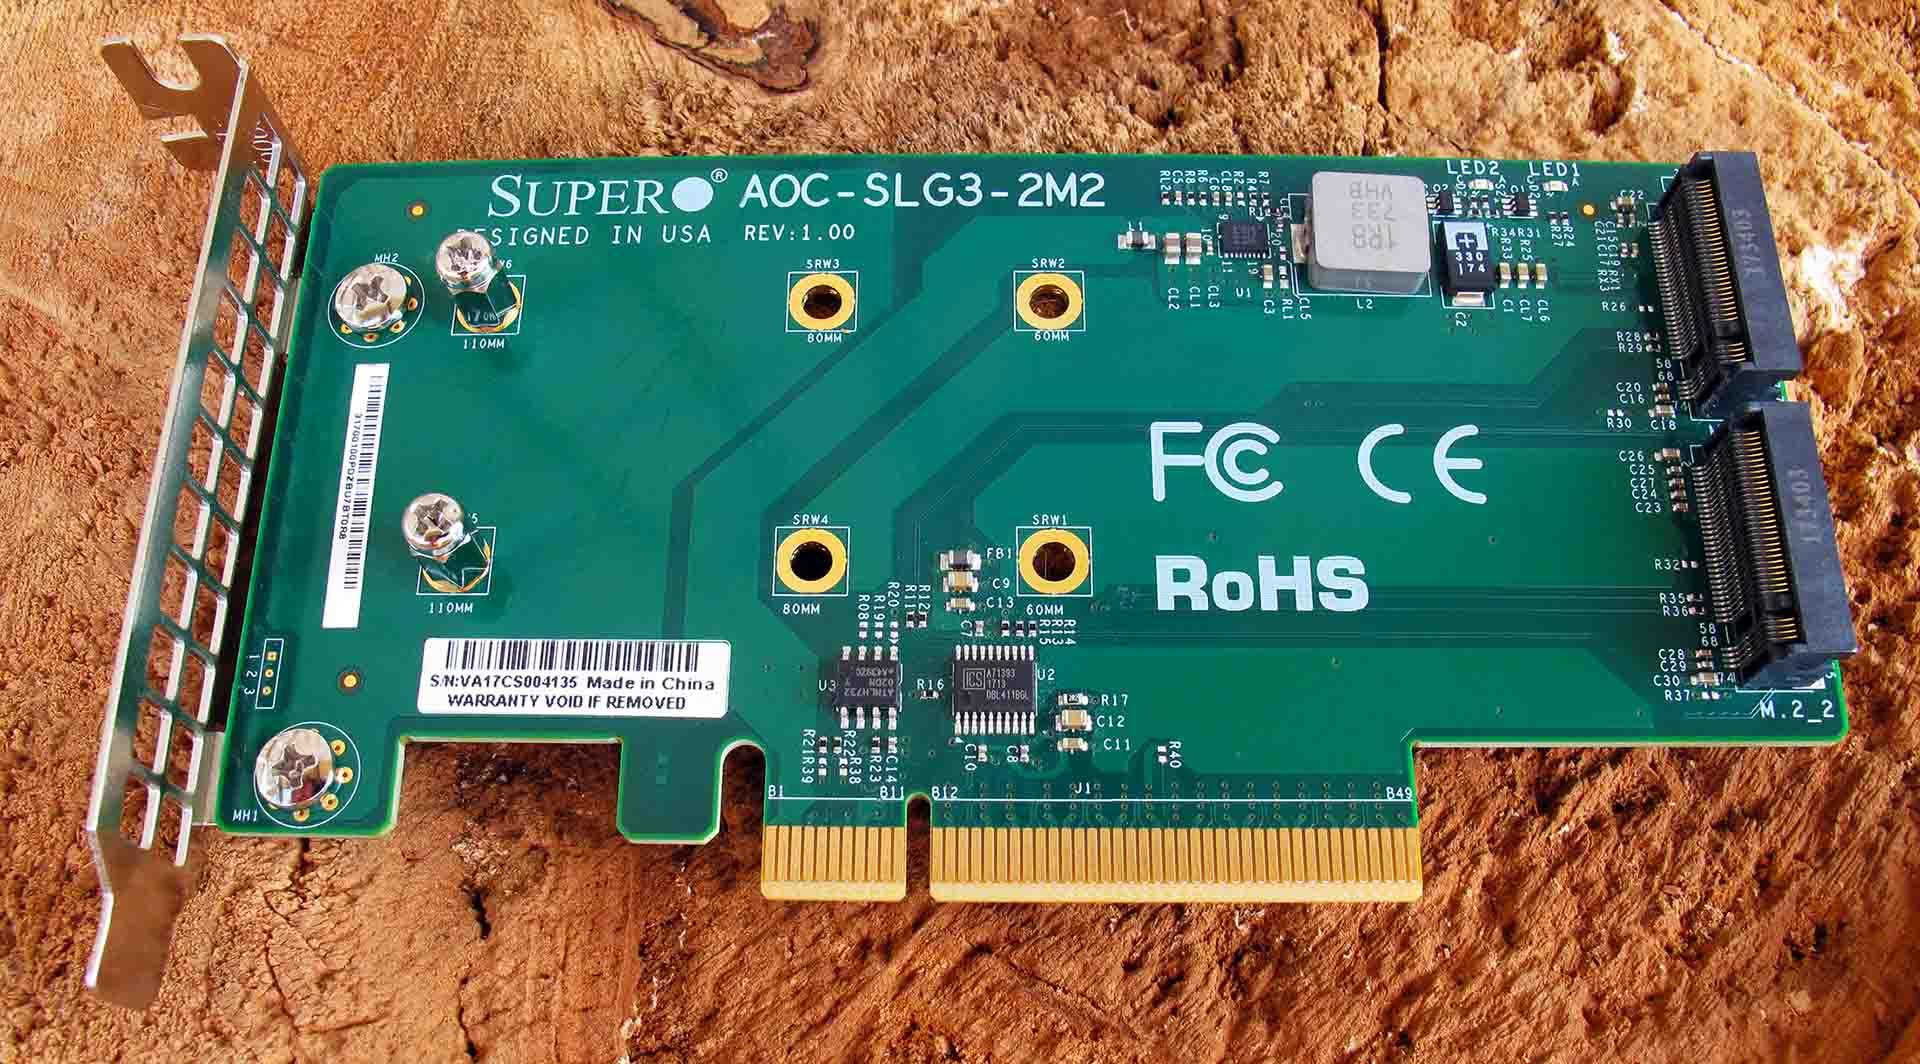 Функциональность процессора и чипсета позволяют обойтись без управляющих контроллеров на борту адаптера Supermicro AOC-SLG3-2M2